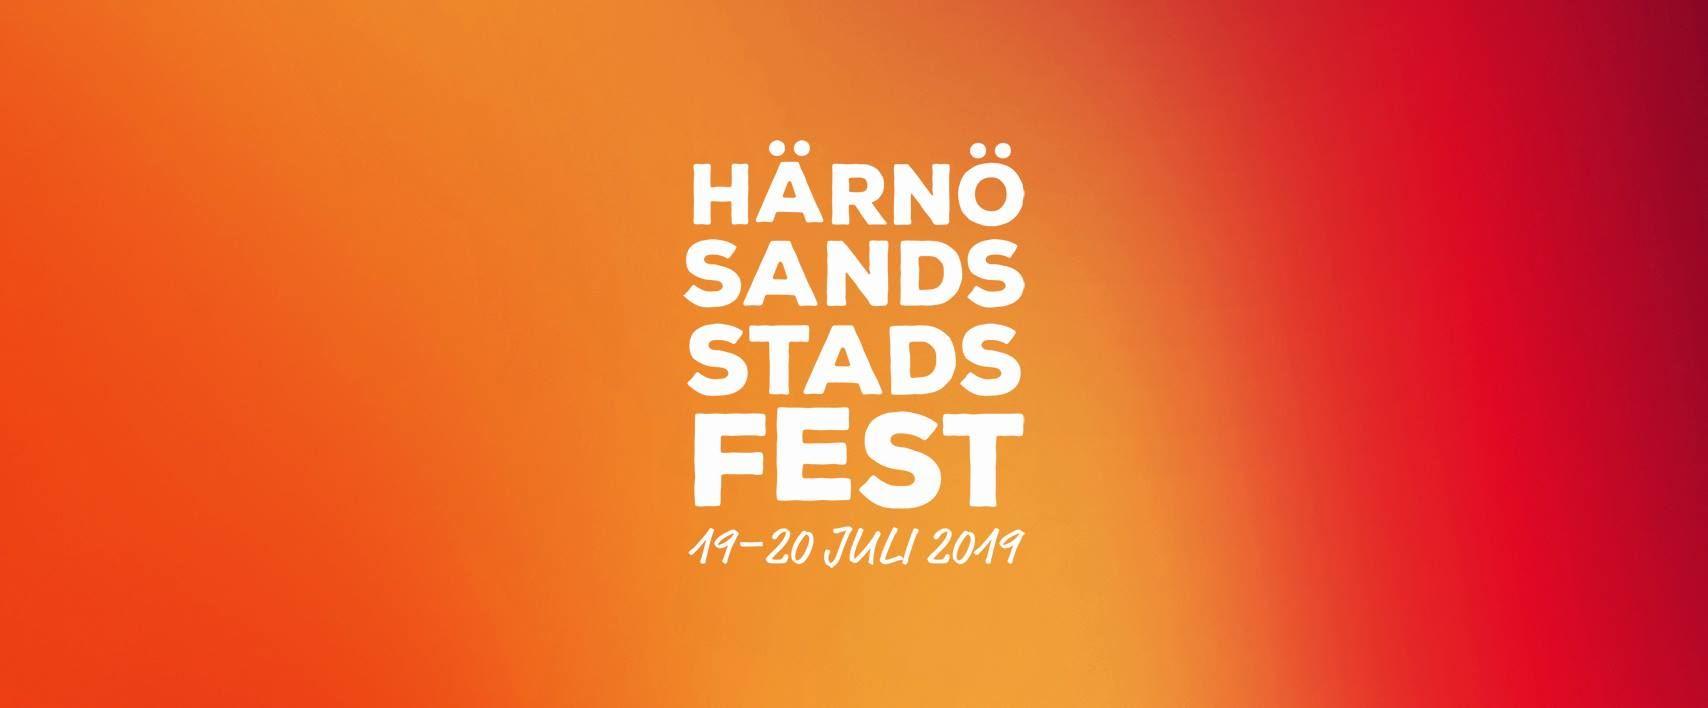 Härnösands Stadsfest 2019